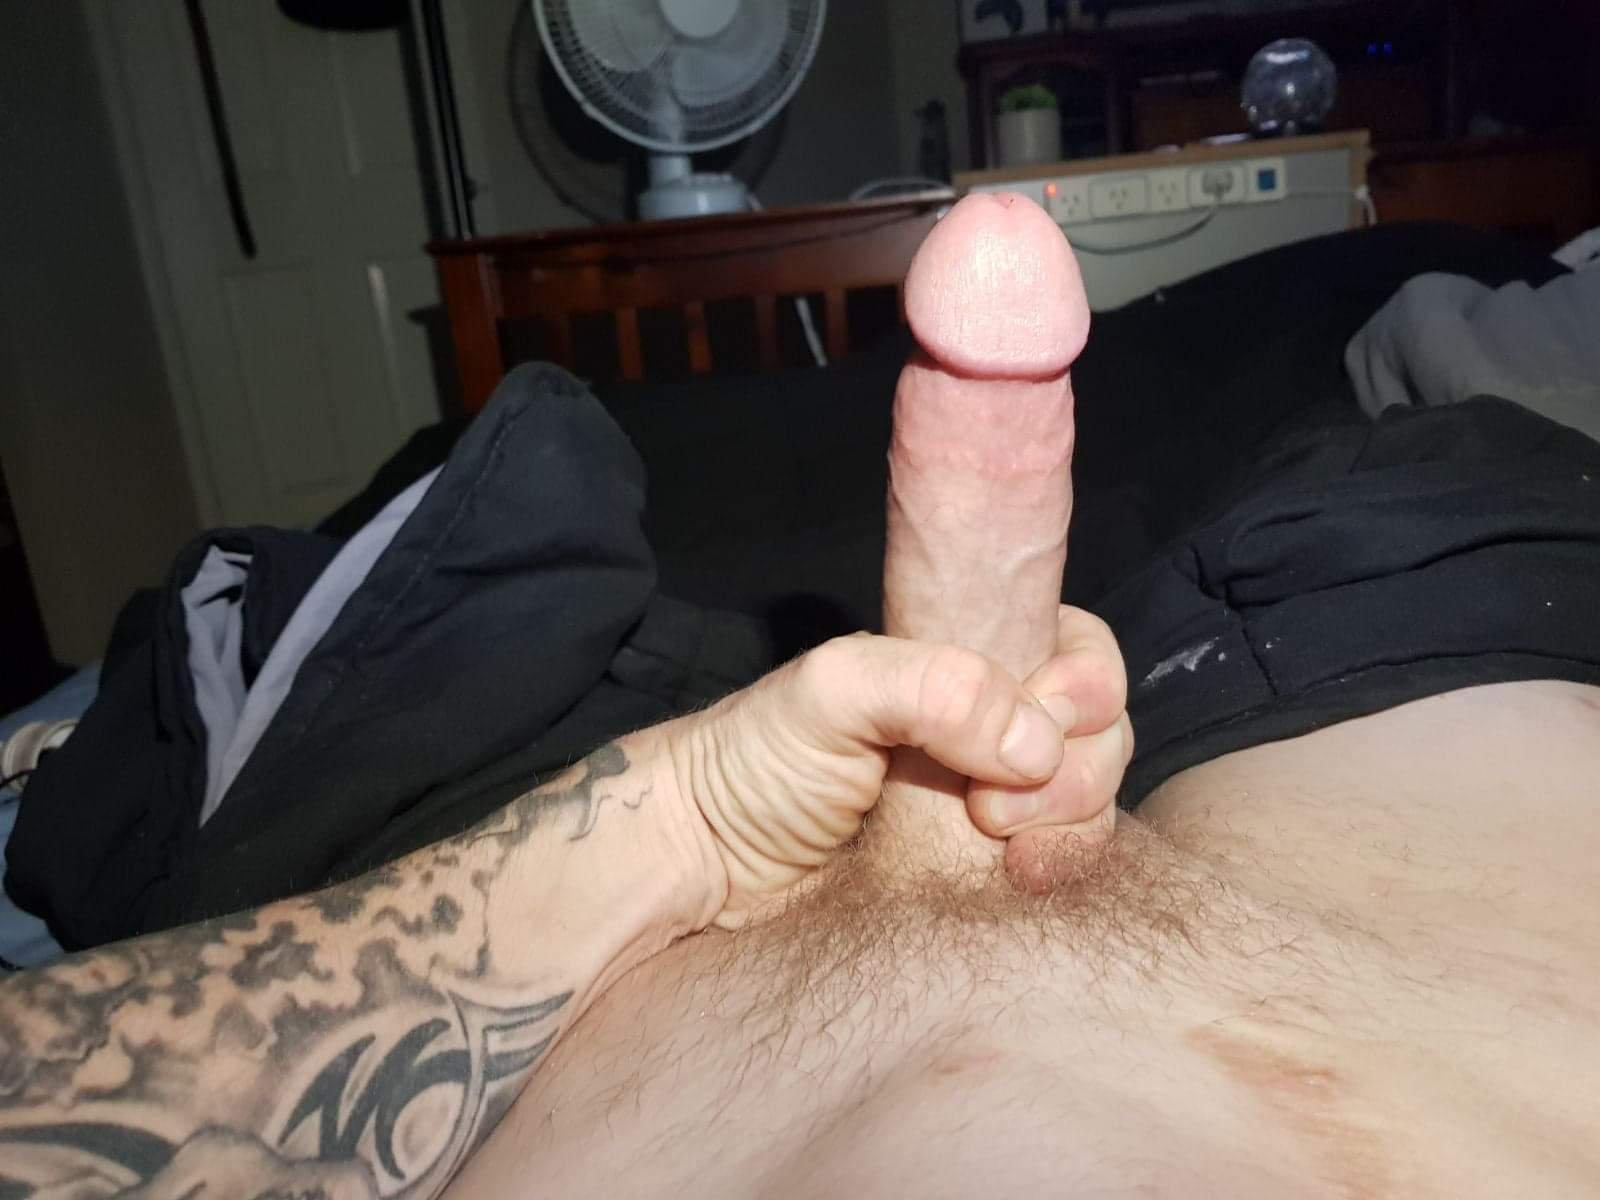 Jimbo9169 from Western Australia,Australia